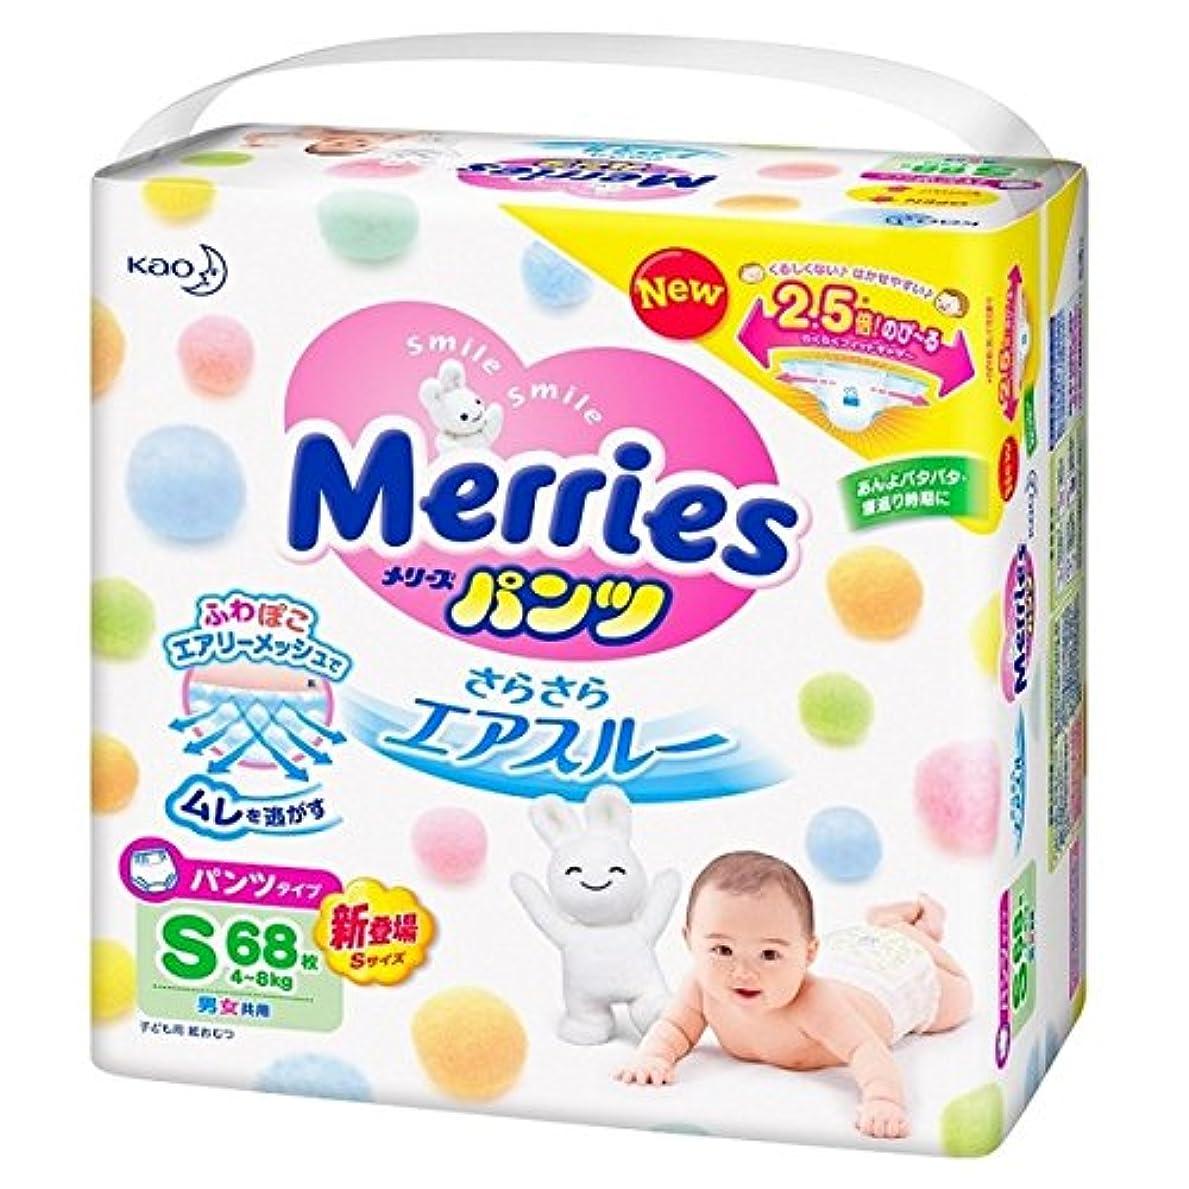 マイルはい検索エンジンマーケティング【新】花王 パンツ式 メリーズパンツ Sサイズ 68枚 (62枚+AH限定6枚)